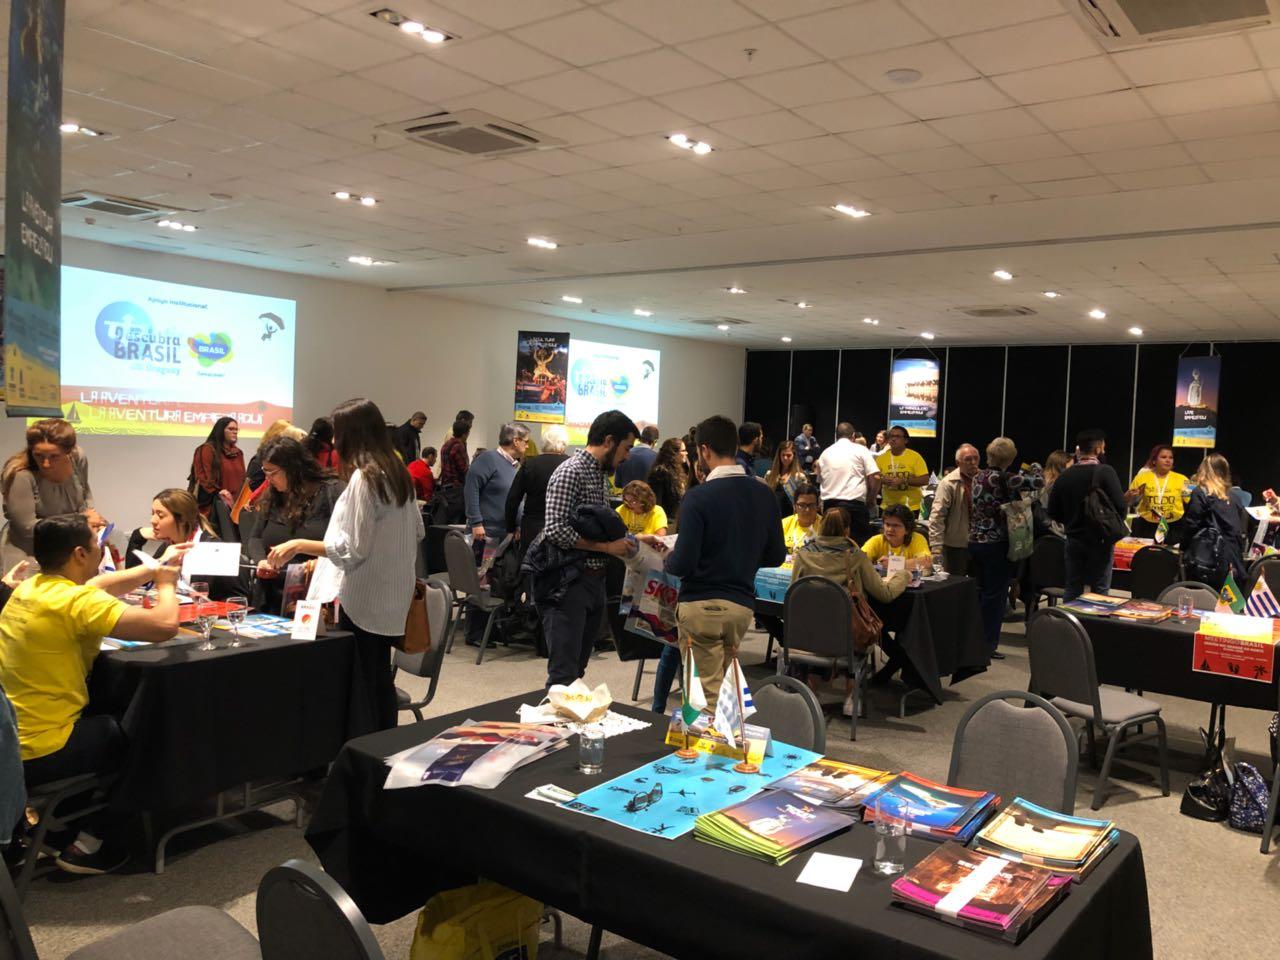 Governo do RN investe em novas rodadas de negócios pela América do Sul